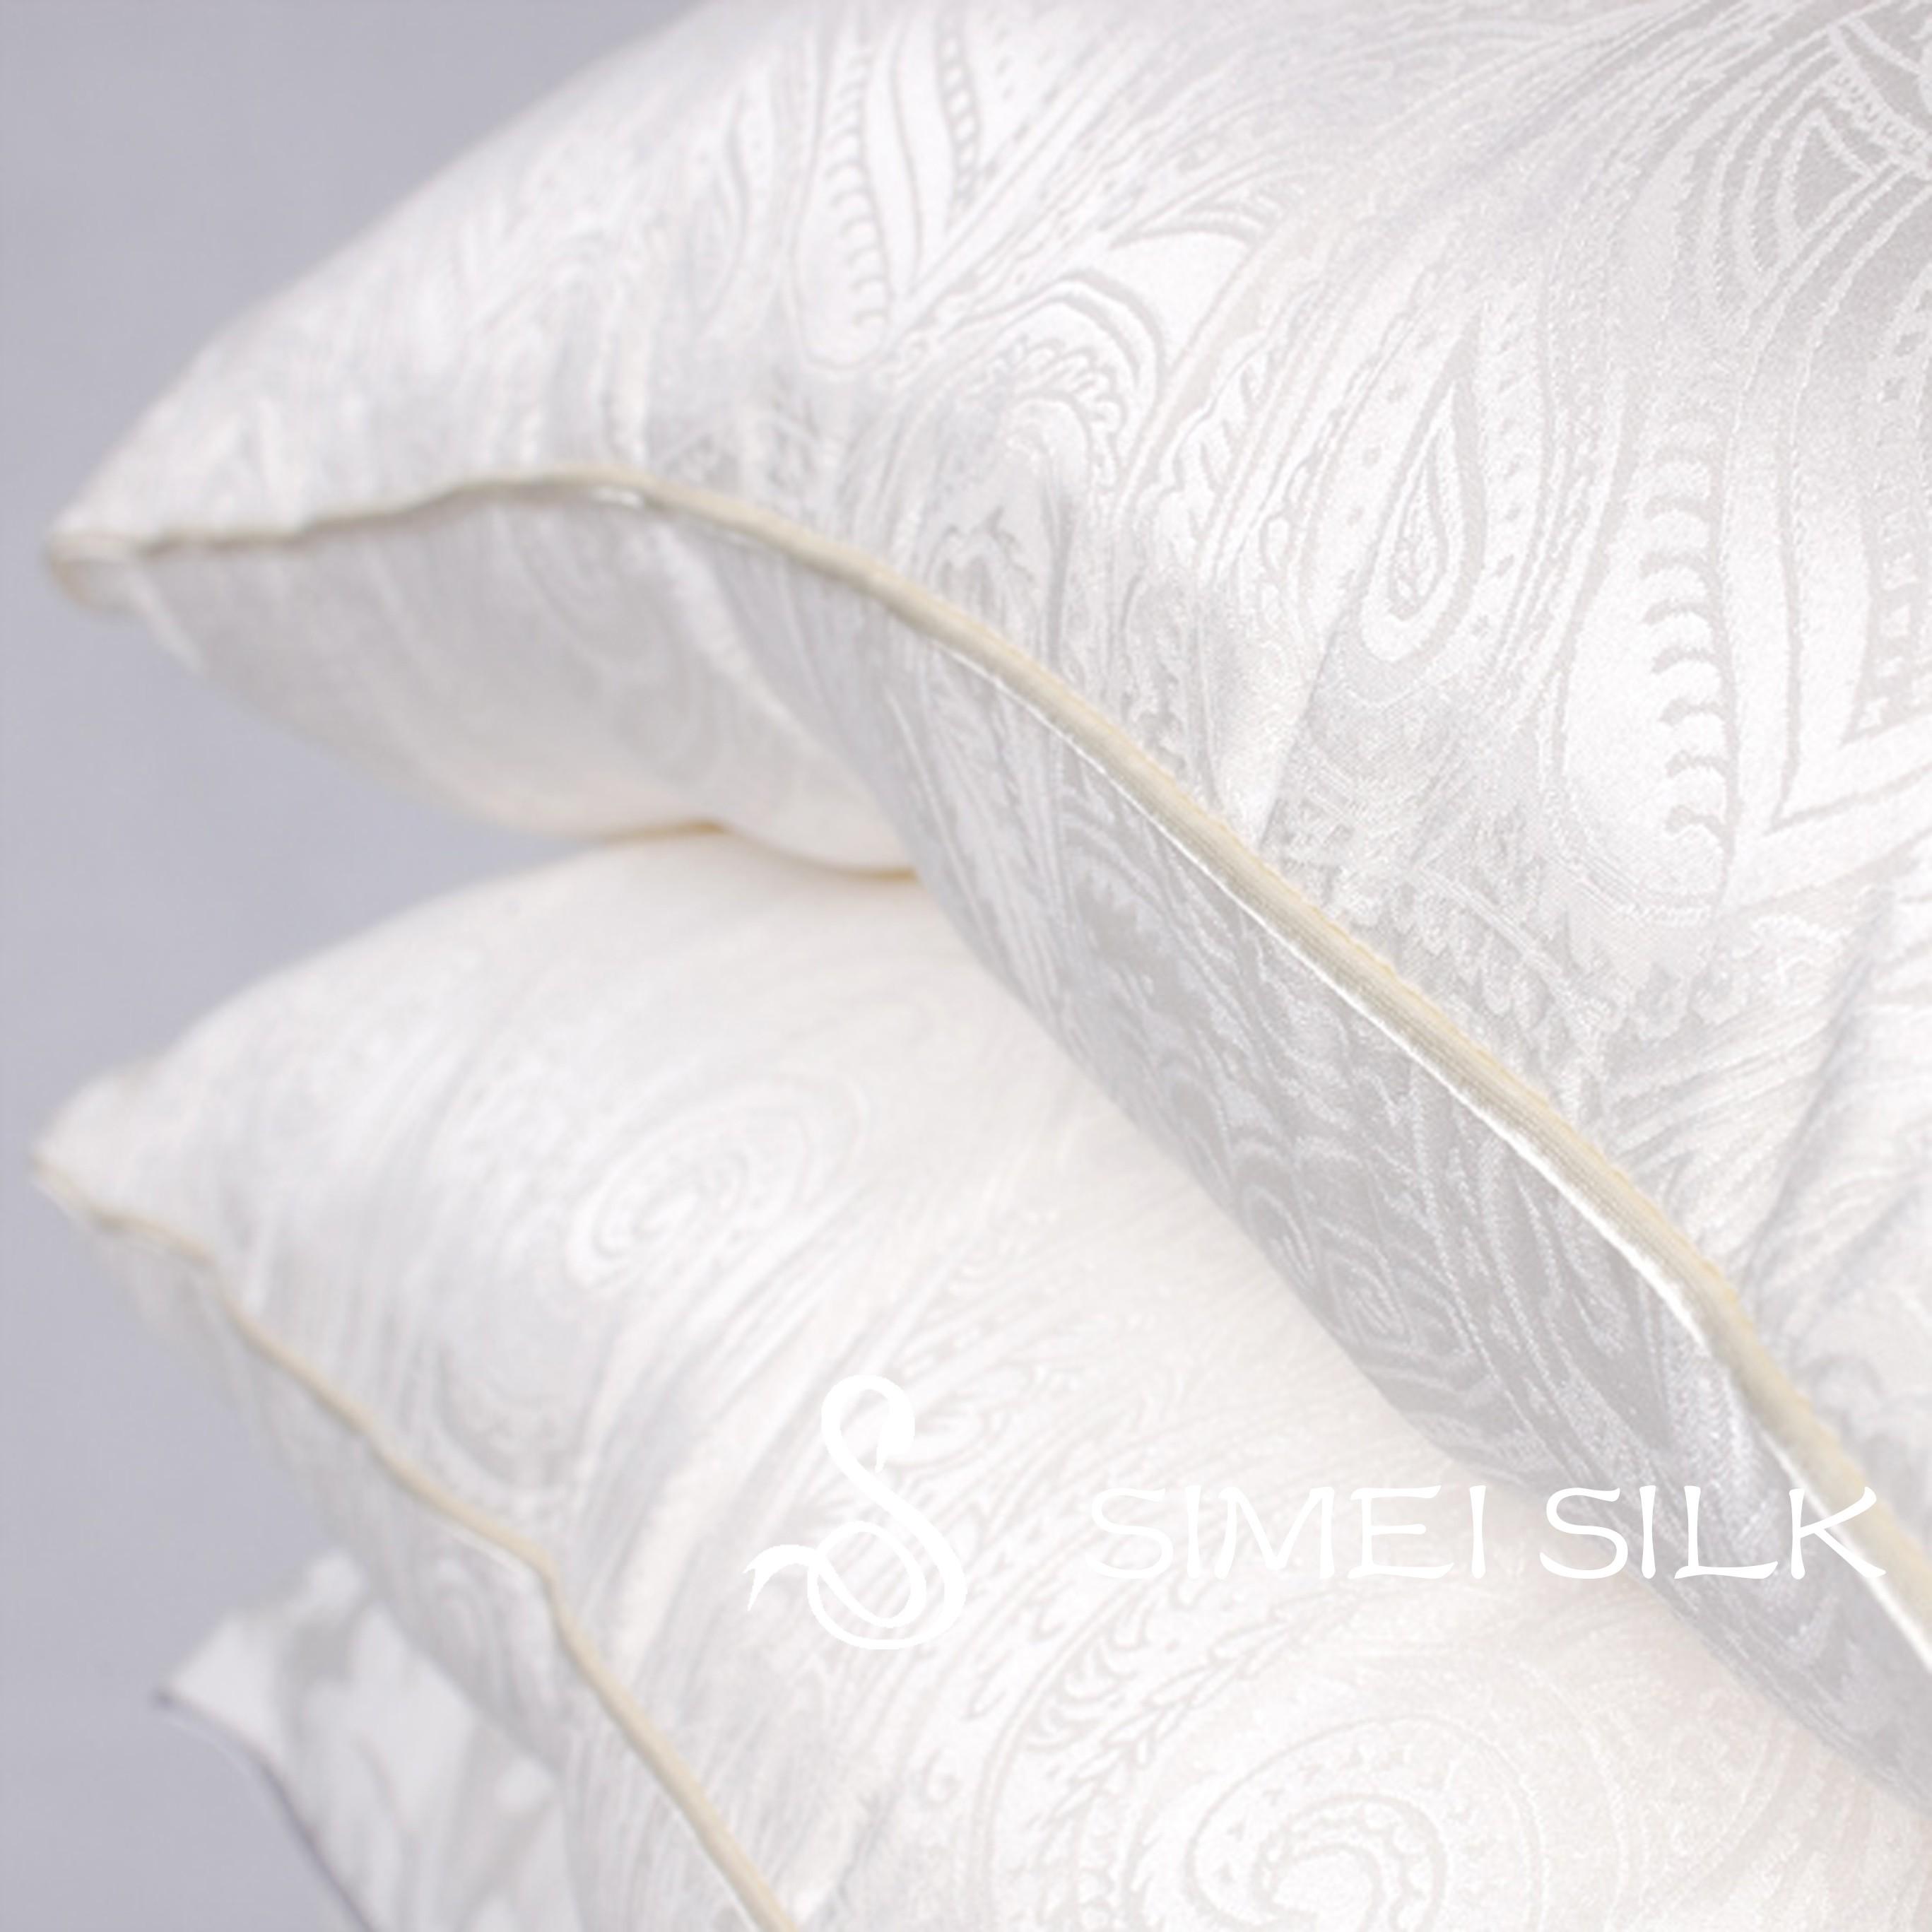 Silkkityyny Charmeuse-silkkipäällyksellä (queen size)